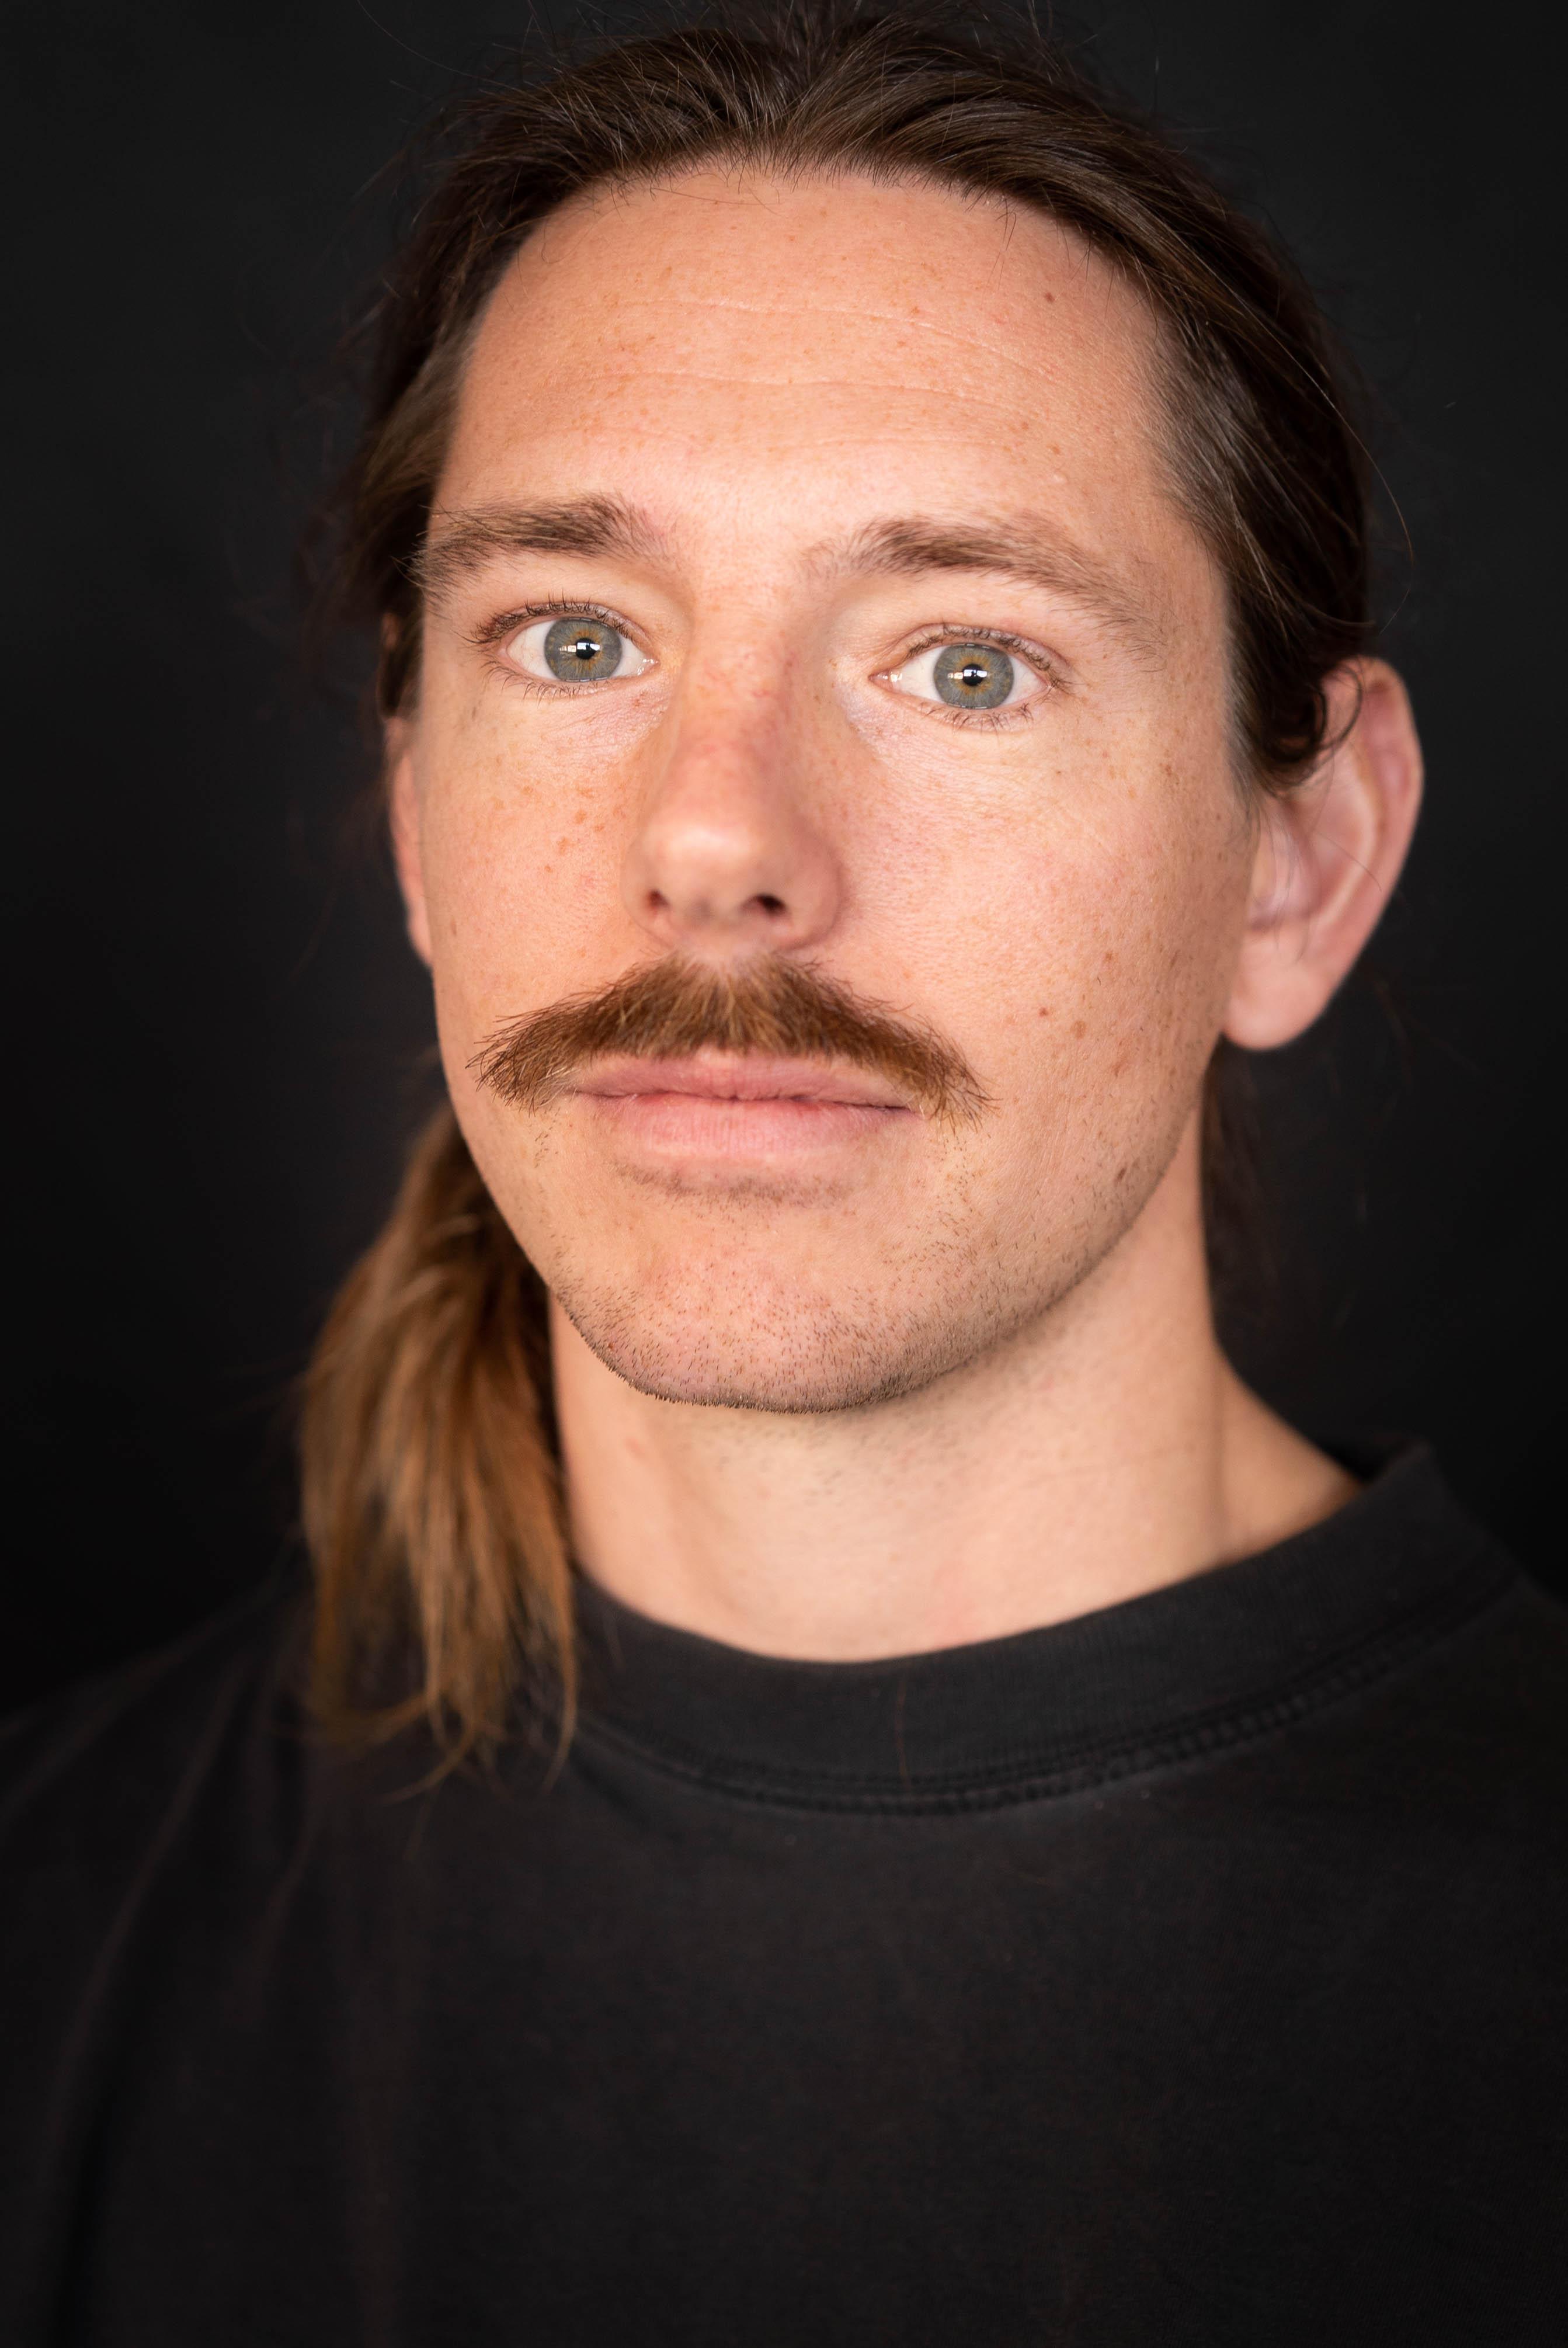 Rasmus Cederlund (RCE)